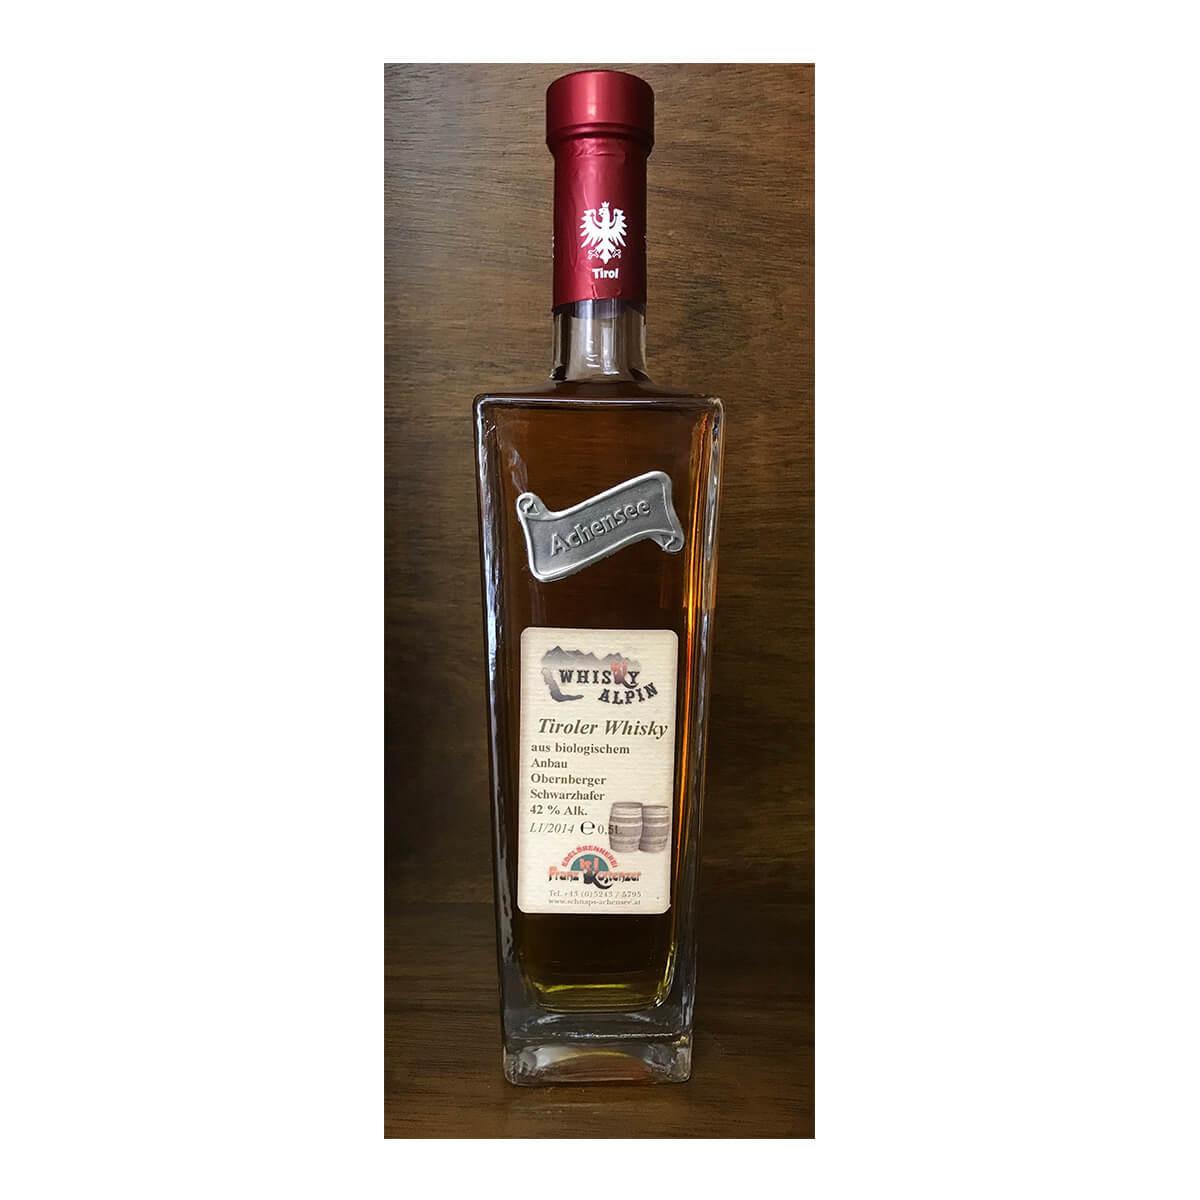 Tiroler Whisky Biologischer Anbau